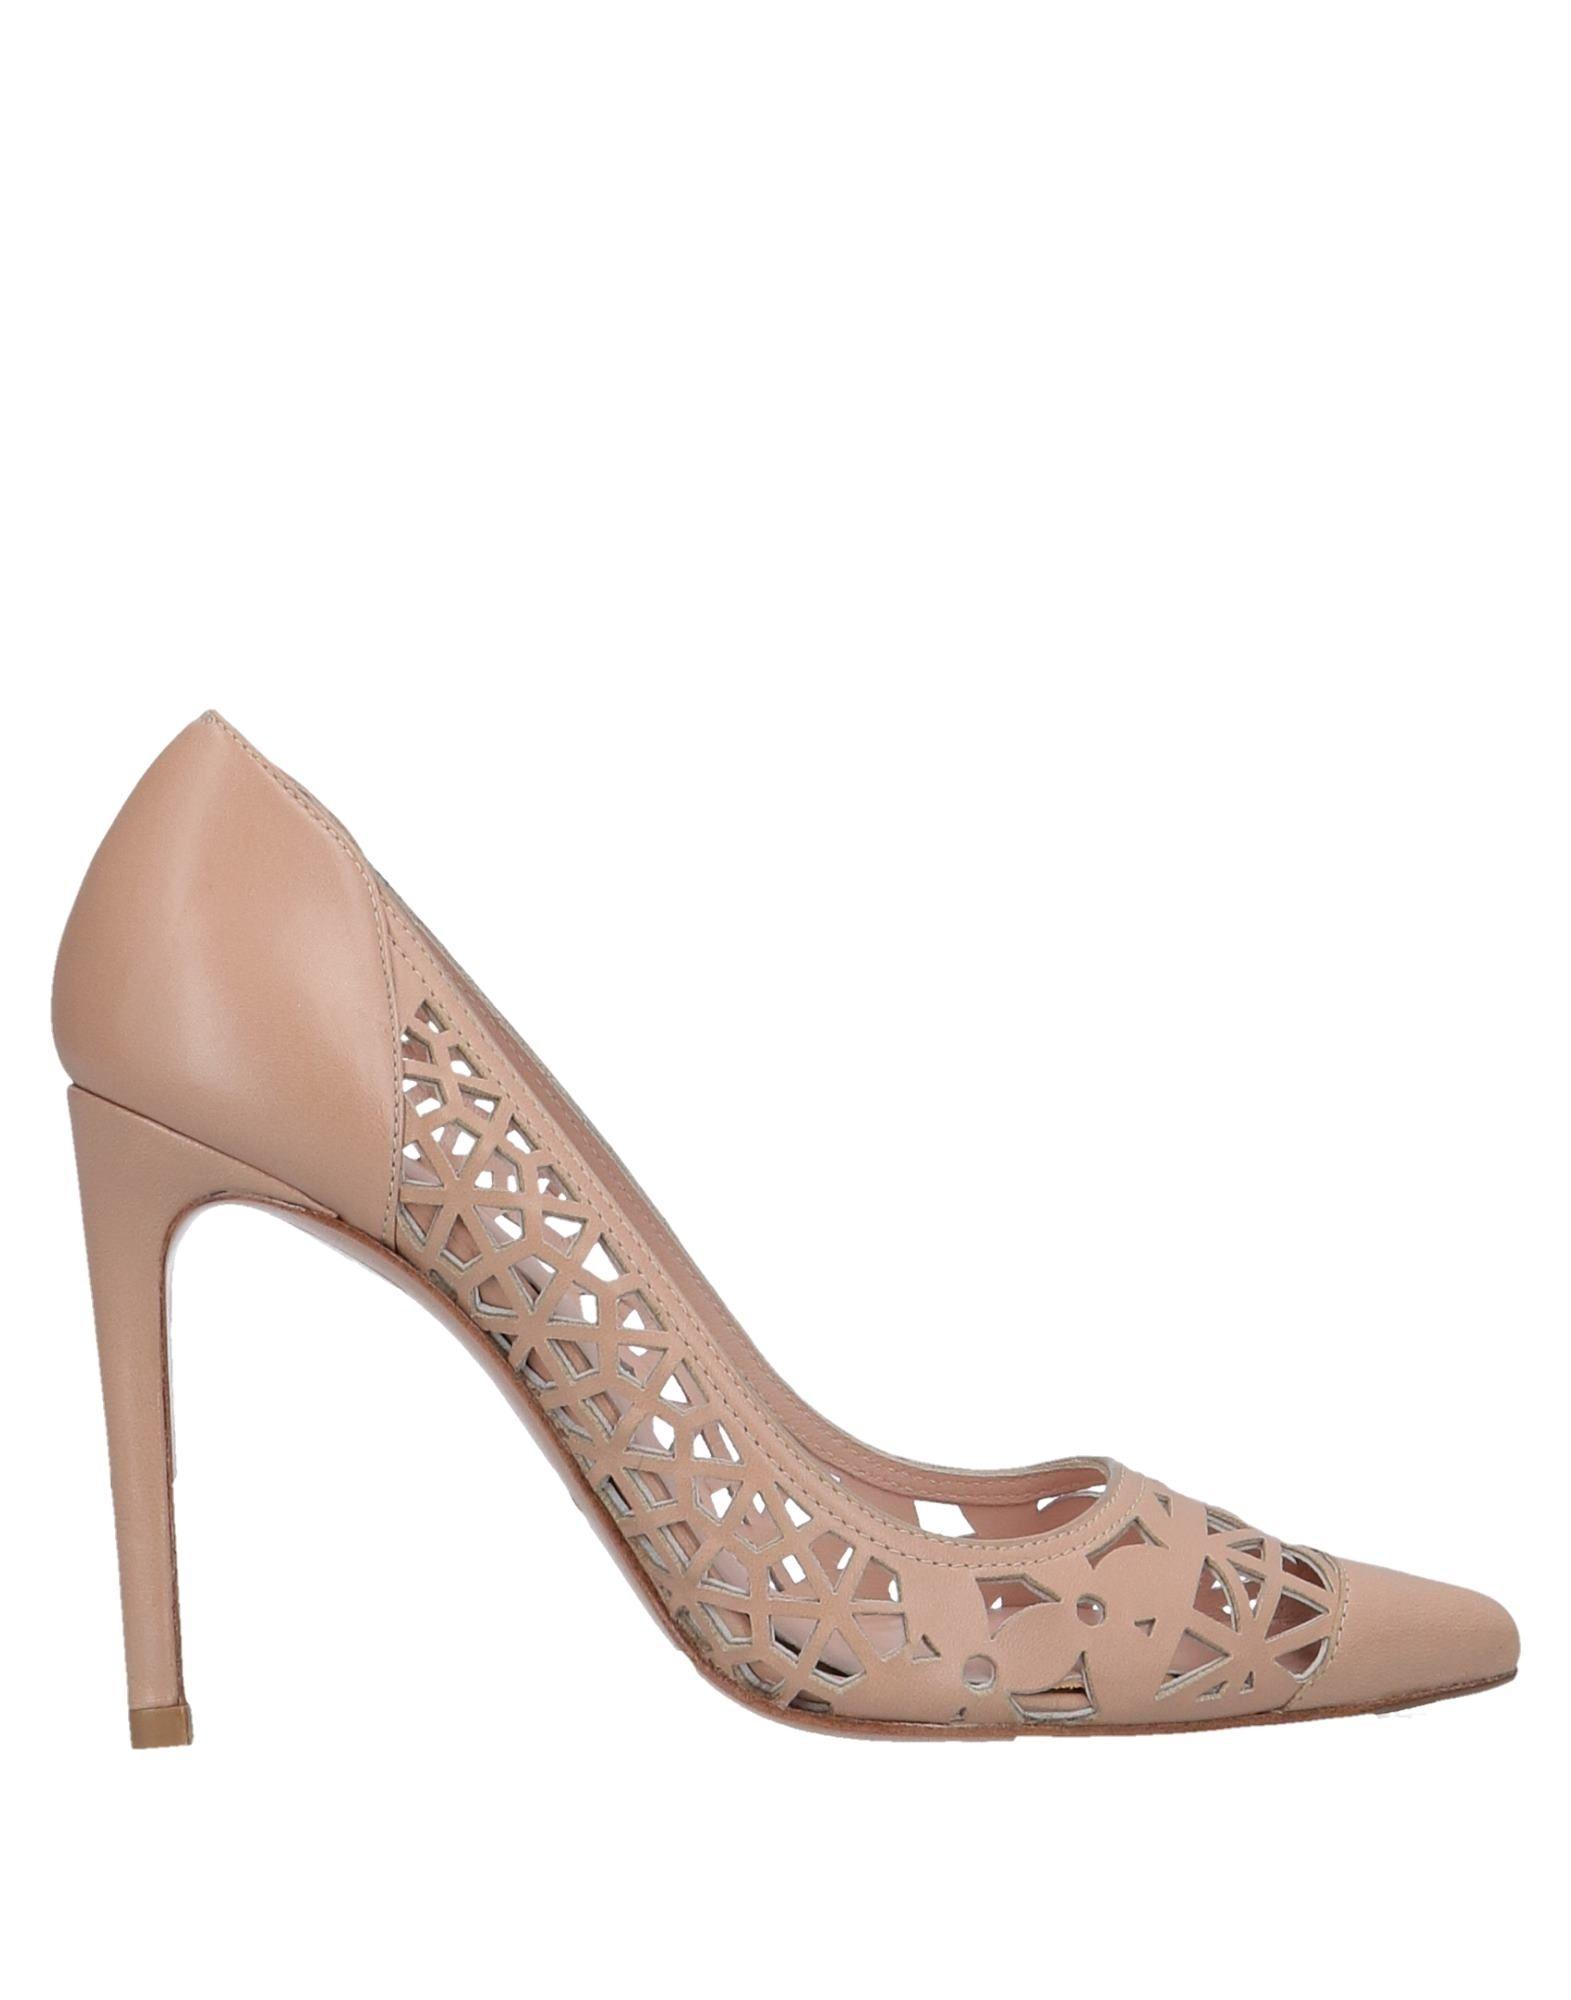 Rabatt Schuhe Pumps Stuart Weitzman Pumps Schuhe Damen  11564884TC d54e33